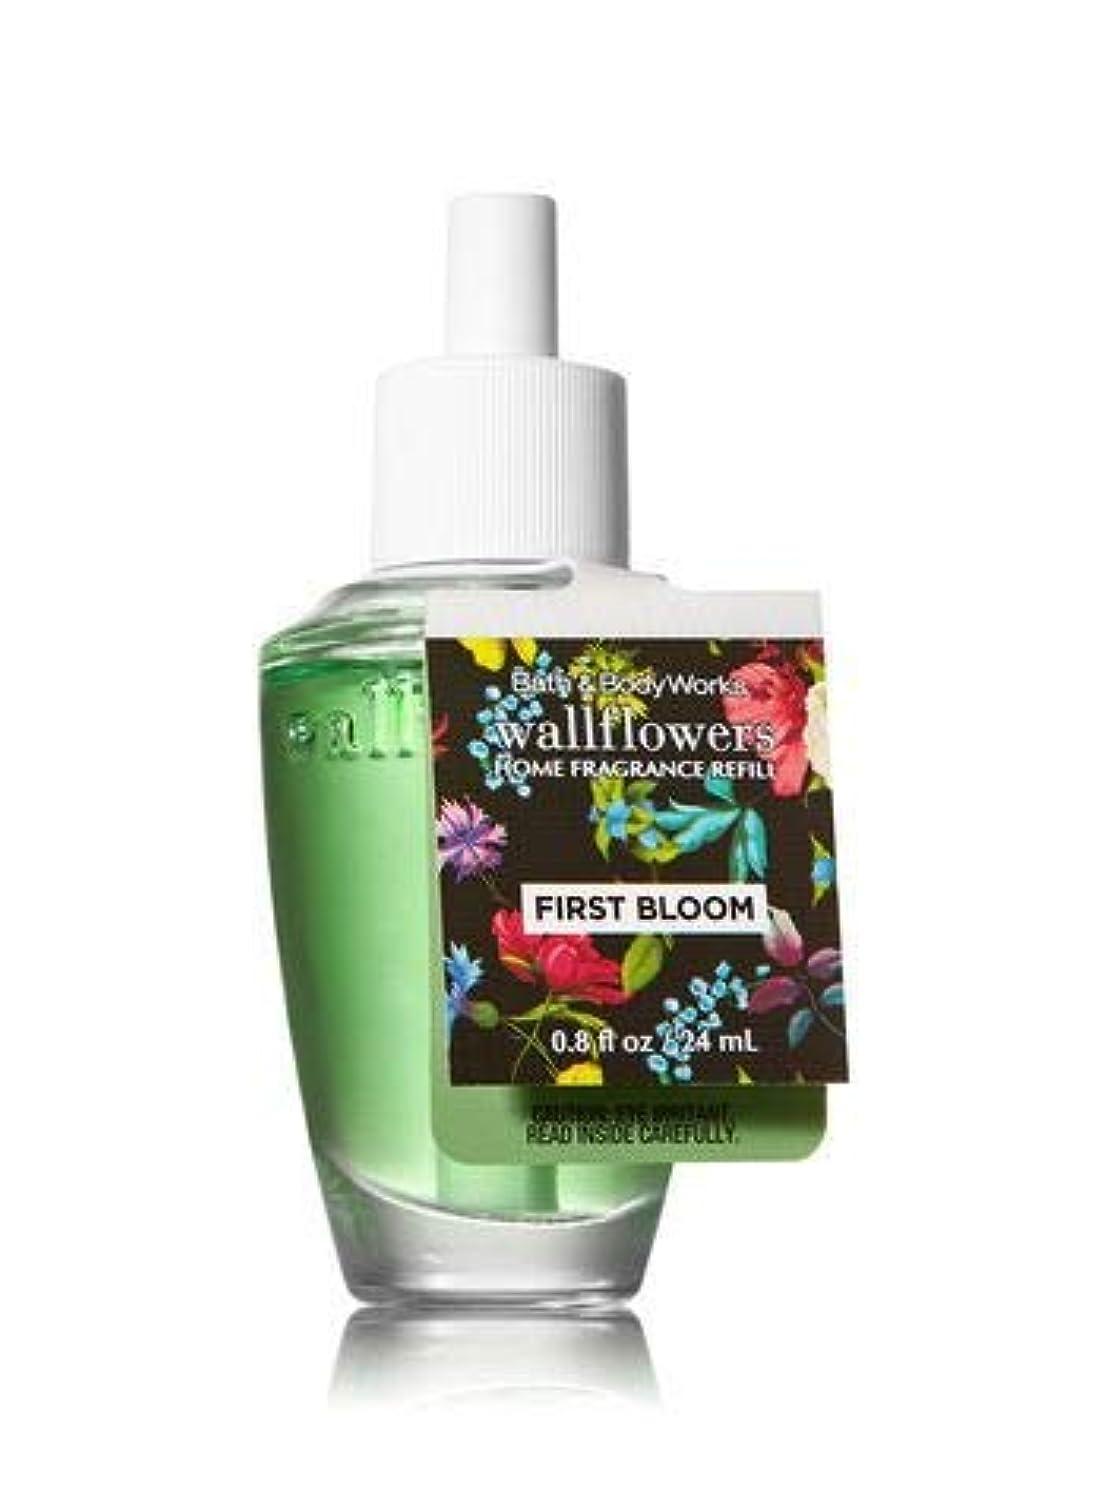 感嘆符ビタミン大声で【Bath&Body Works/バス&ボディワークス】 ルームフレグランス 詰替えリフィル ファーストブルーム Wallflowers Home Fragrance Refill First Bloom [並行輸入品]